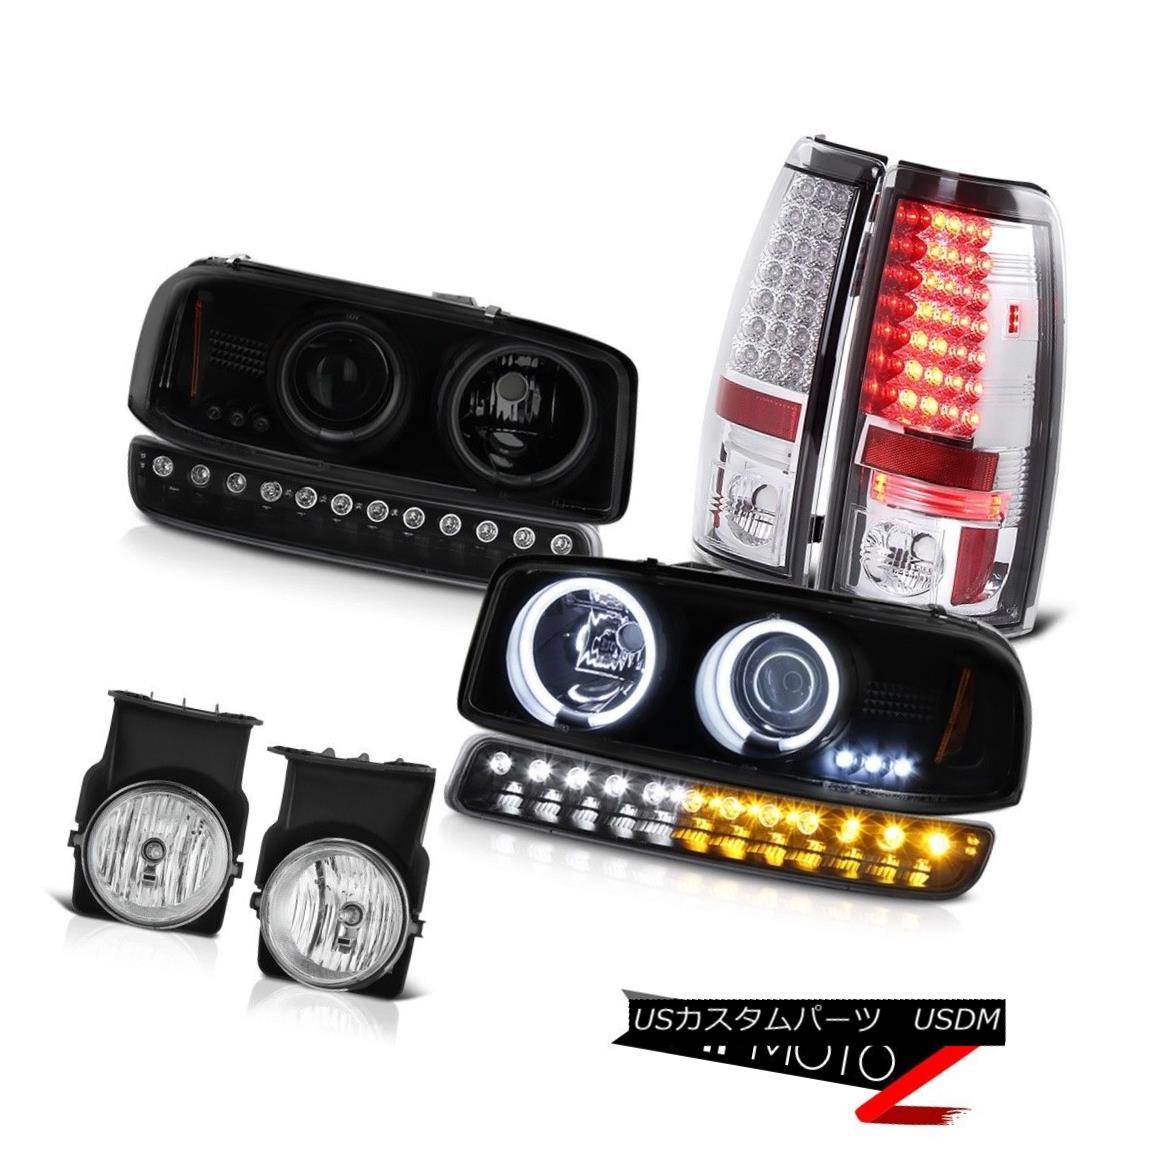 テールライト 03-06 Sierra 5.3L Euro chrome fog lamps taillamps black bumper lamp headlights 03-06シエラ5.3Lユーロクロームフォグランプテールランプブラックバンパーランプヘッドライト